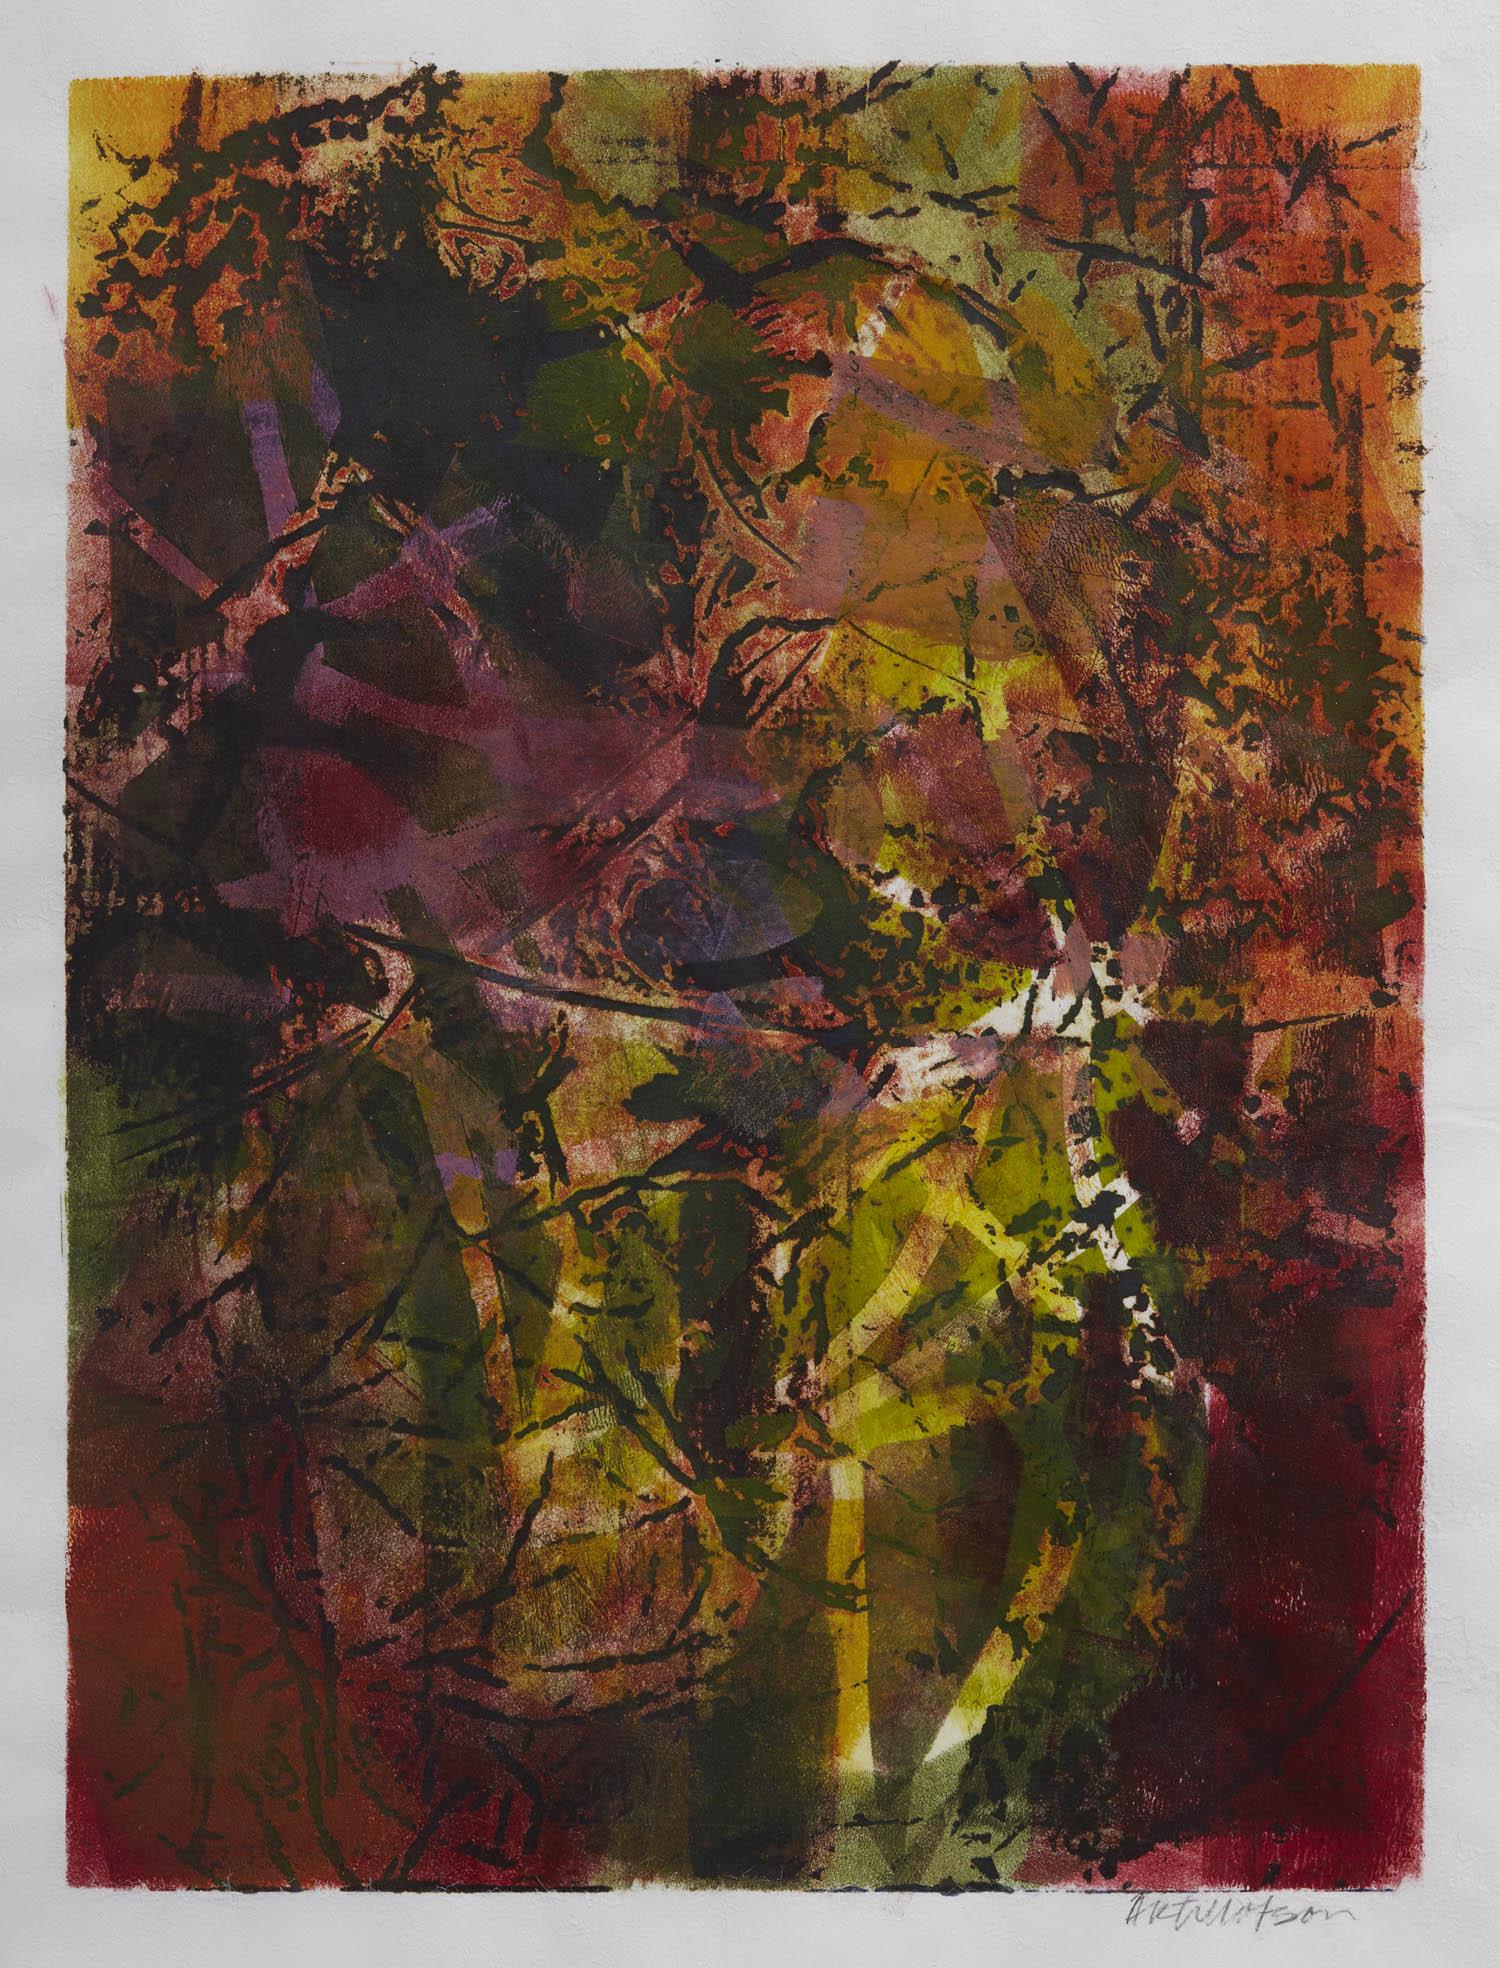 Semblance II by St. Paul, MN multimedia artist, Amy Tillotson